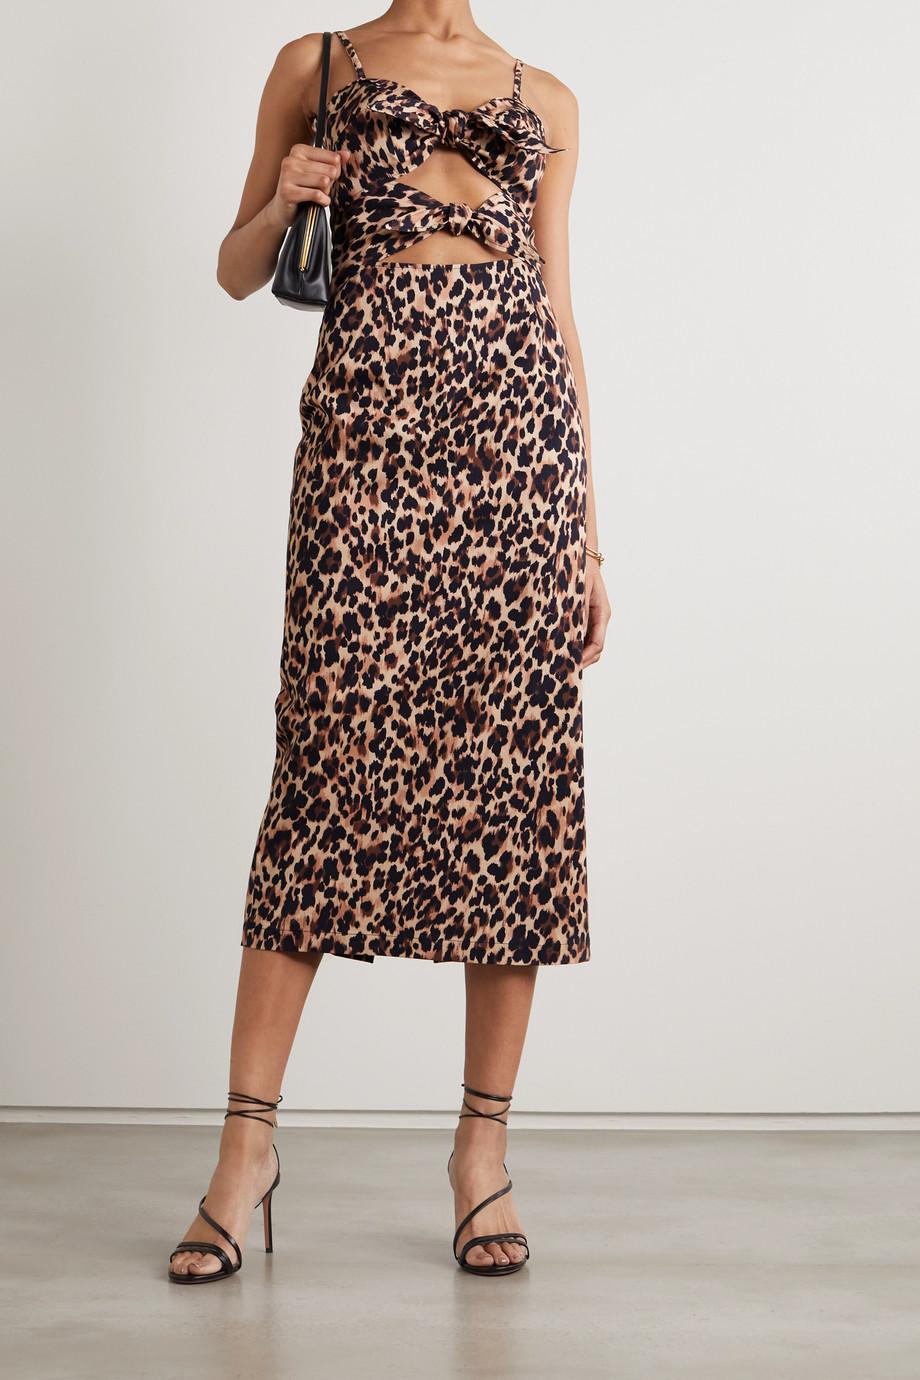 Racil Mia Midikleid aus einer Baumwollmischung mit Leopardenprint und Knoten